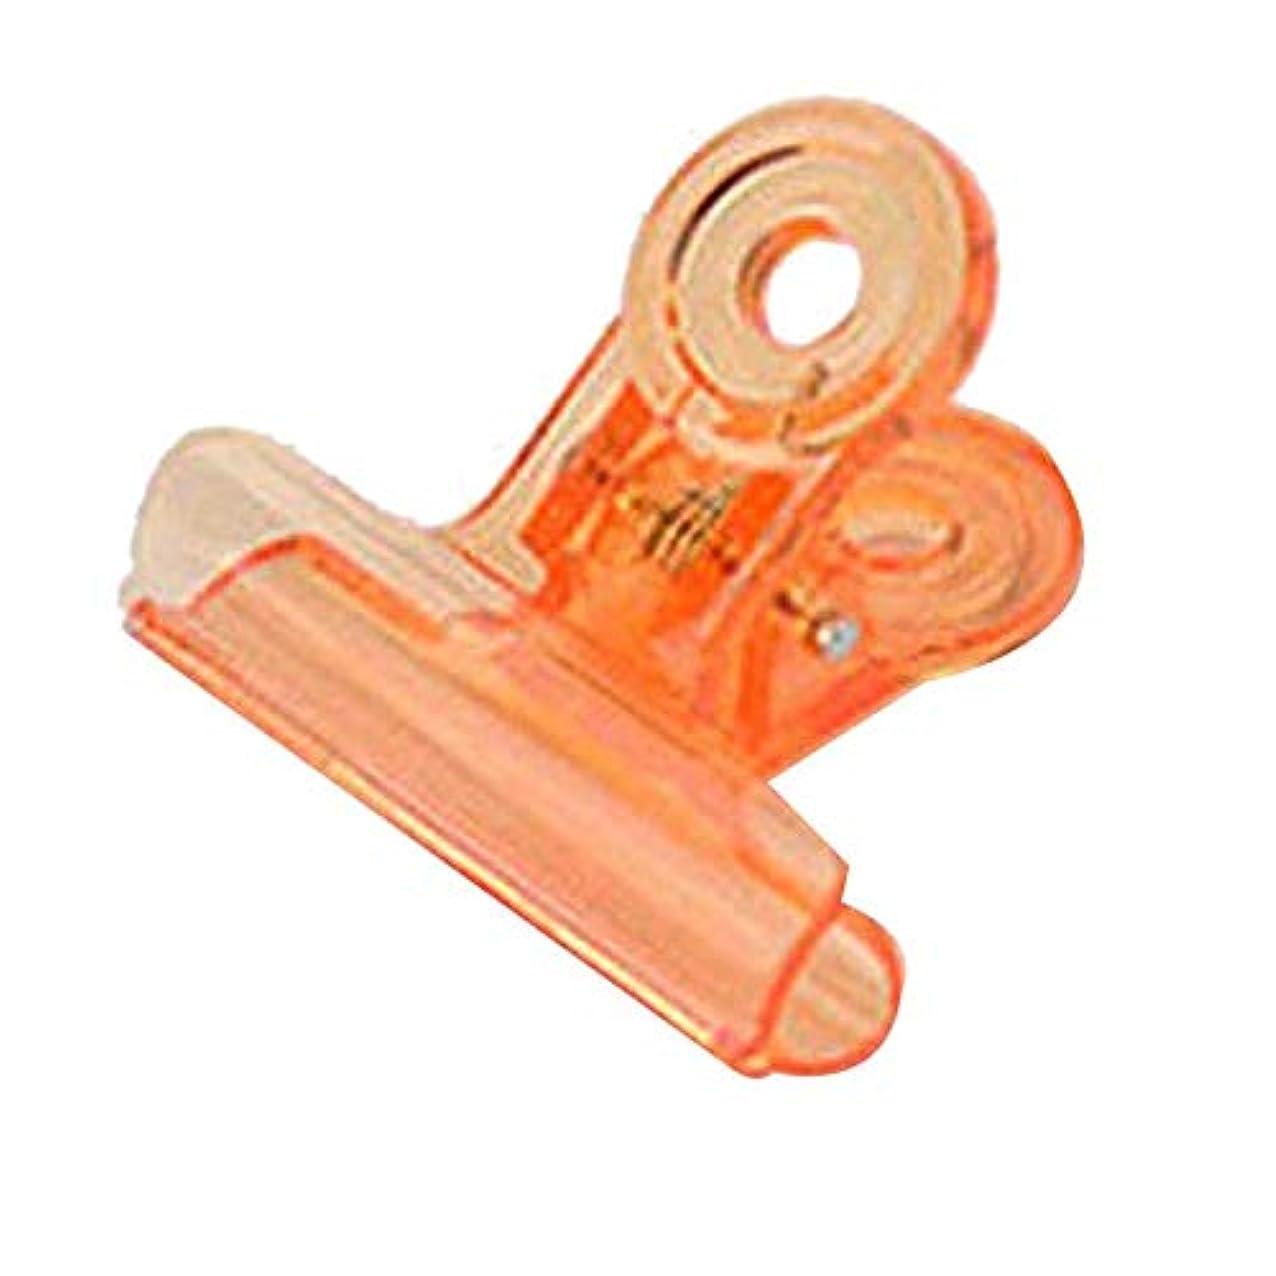 教養がある成熟エイリアンCUHAWUDBA カーブネイルピンチクリップツール多機能プラスチック爪 ランダムカラー(オレンジ)